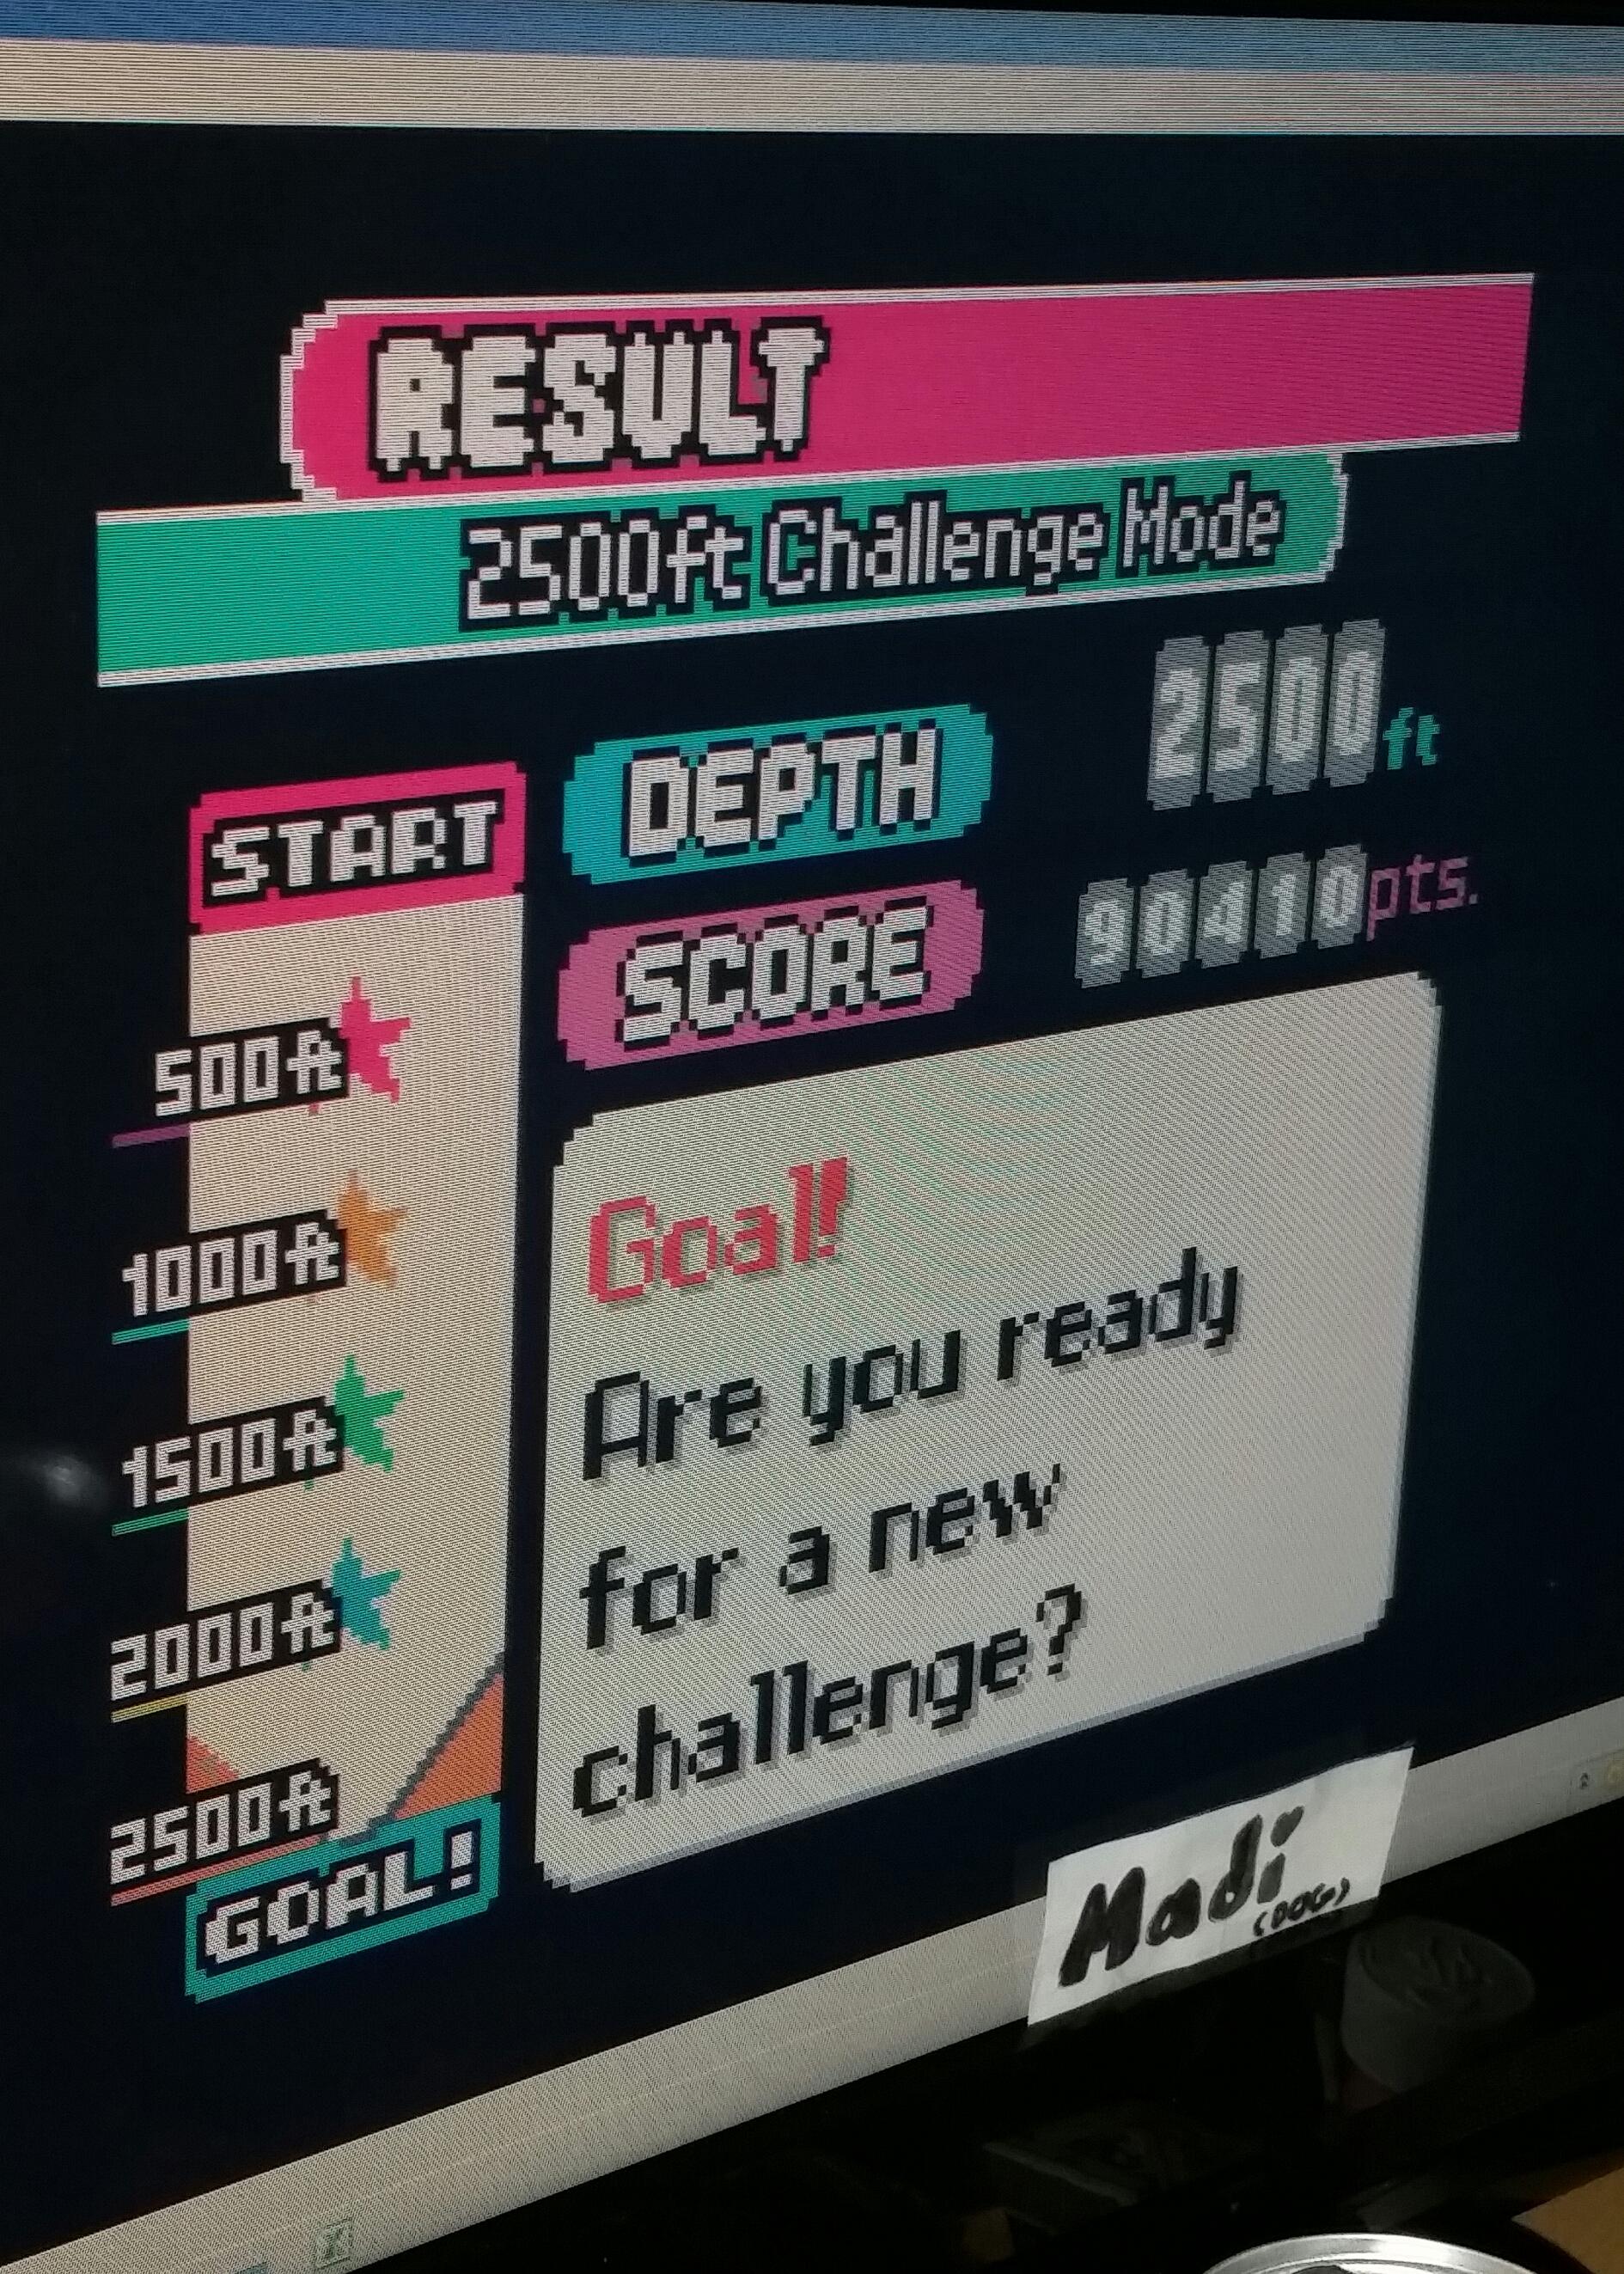 madi: Mr. Driller [2500ft] (Game Boy Color Emulated) 90,410 points on 2016-11-12 14:58:59